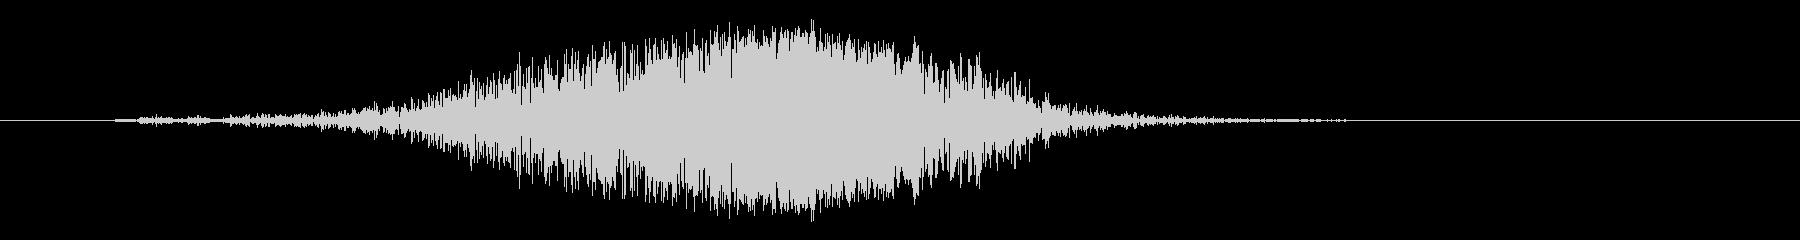 ベラッ(紙をめくる音)の未再生の波形